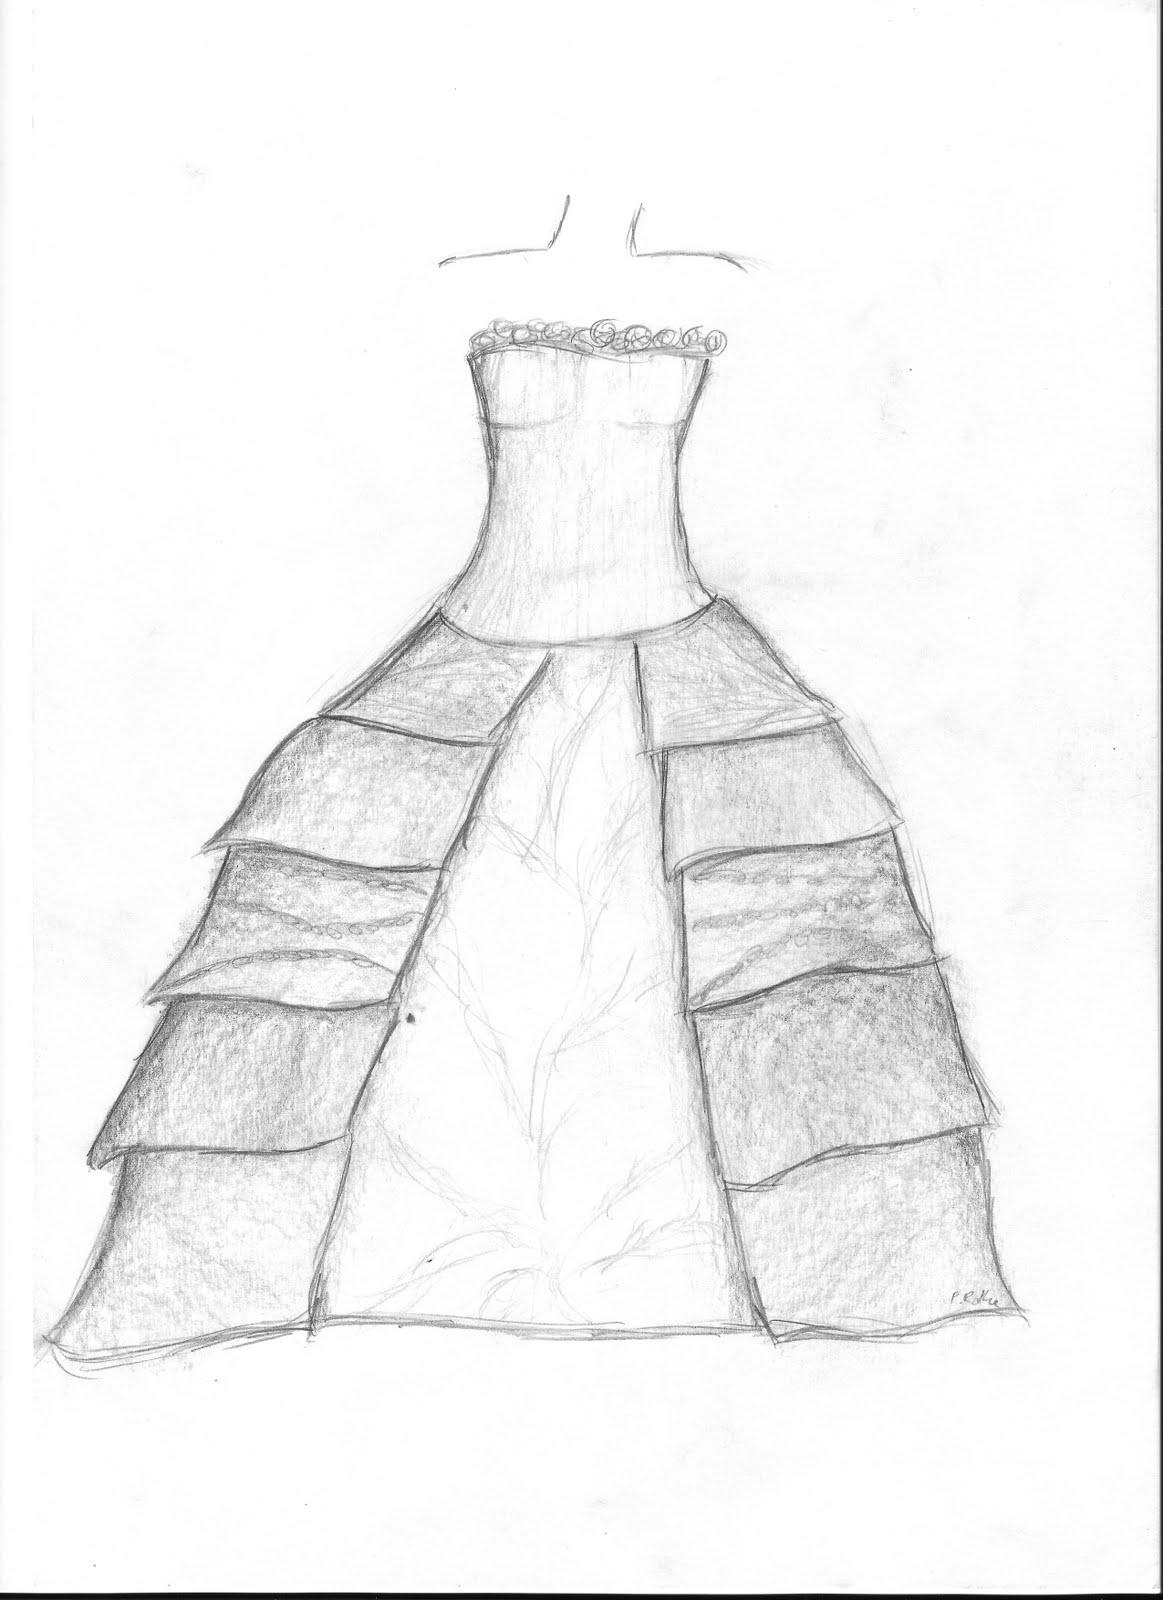 Schone kleider zeichnen - Stylische Kleider für jeden tag